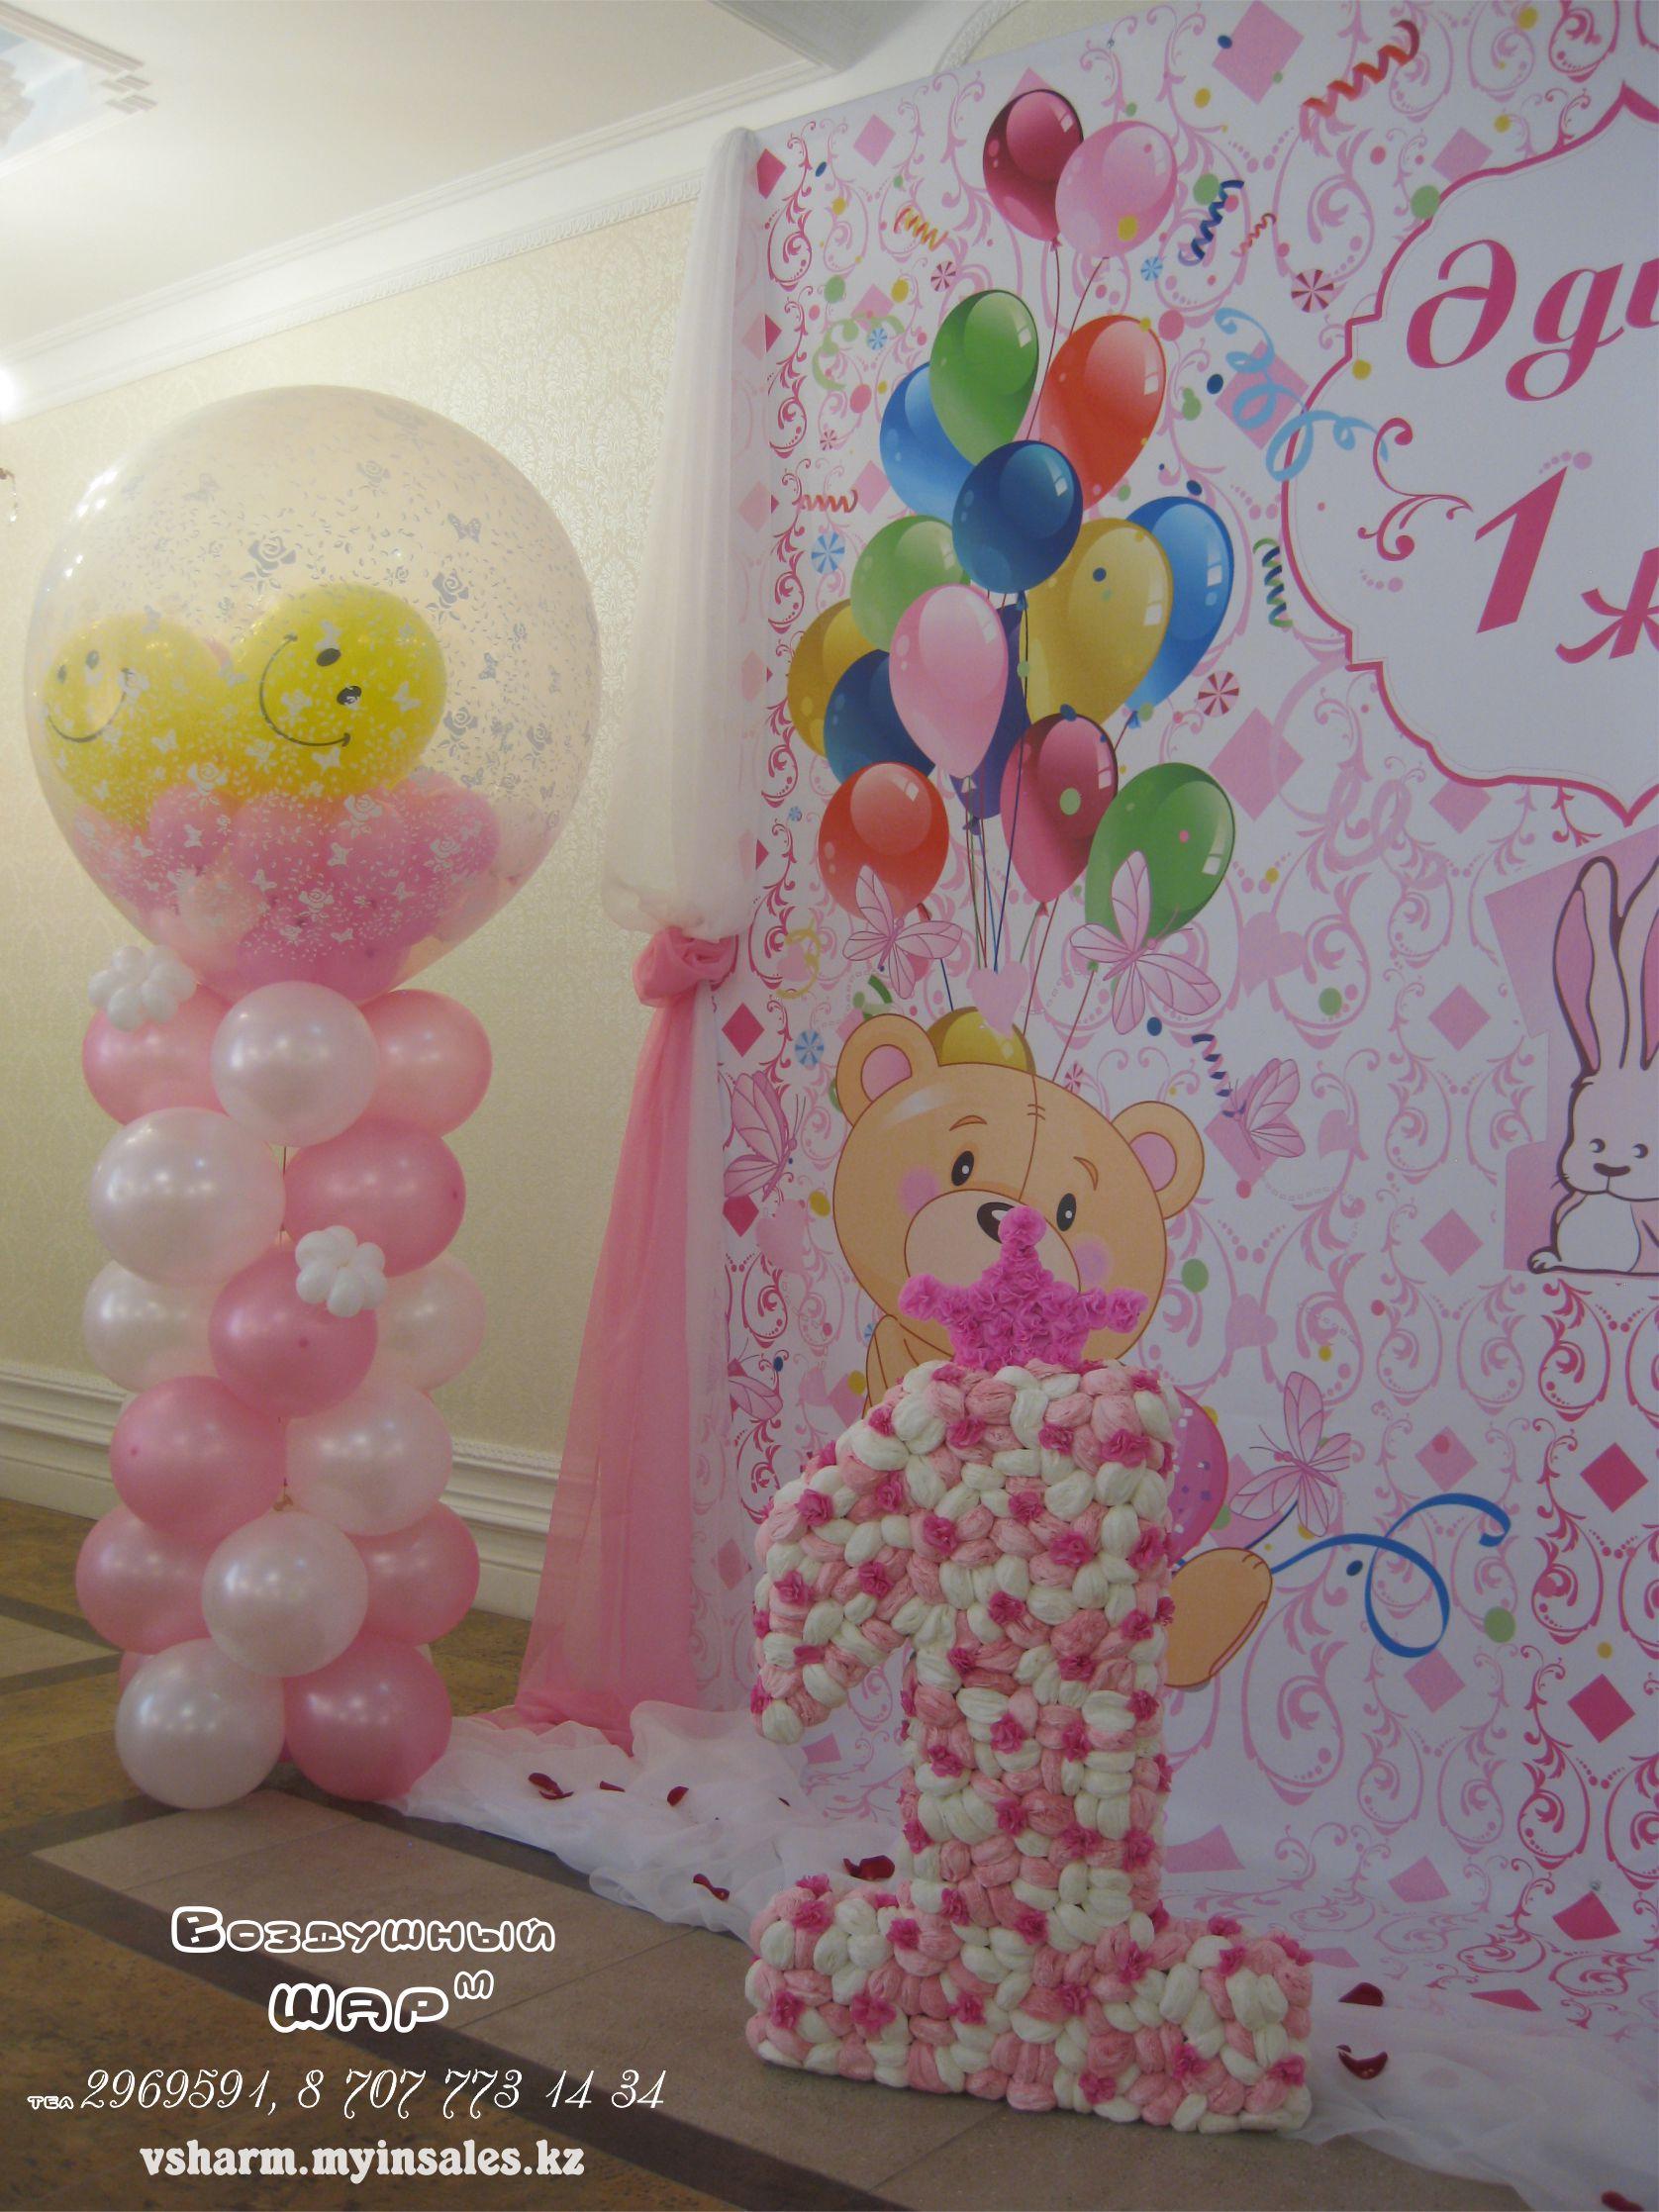 пресс_стена_на_день_рождения_девочки.jpg